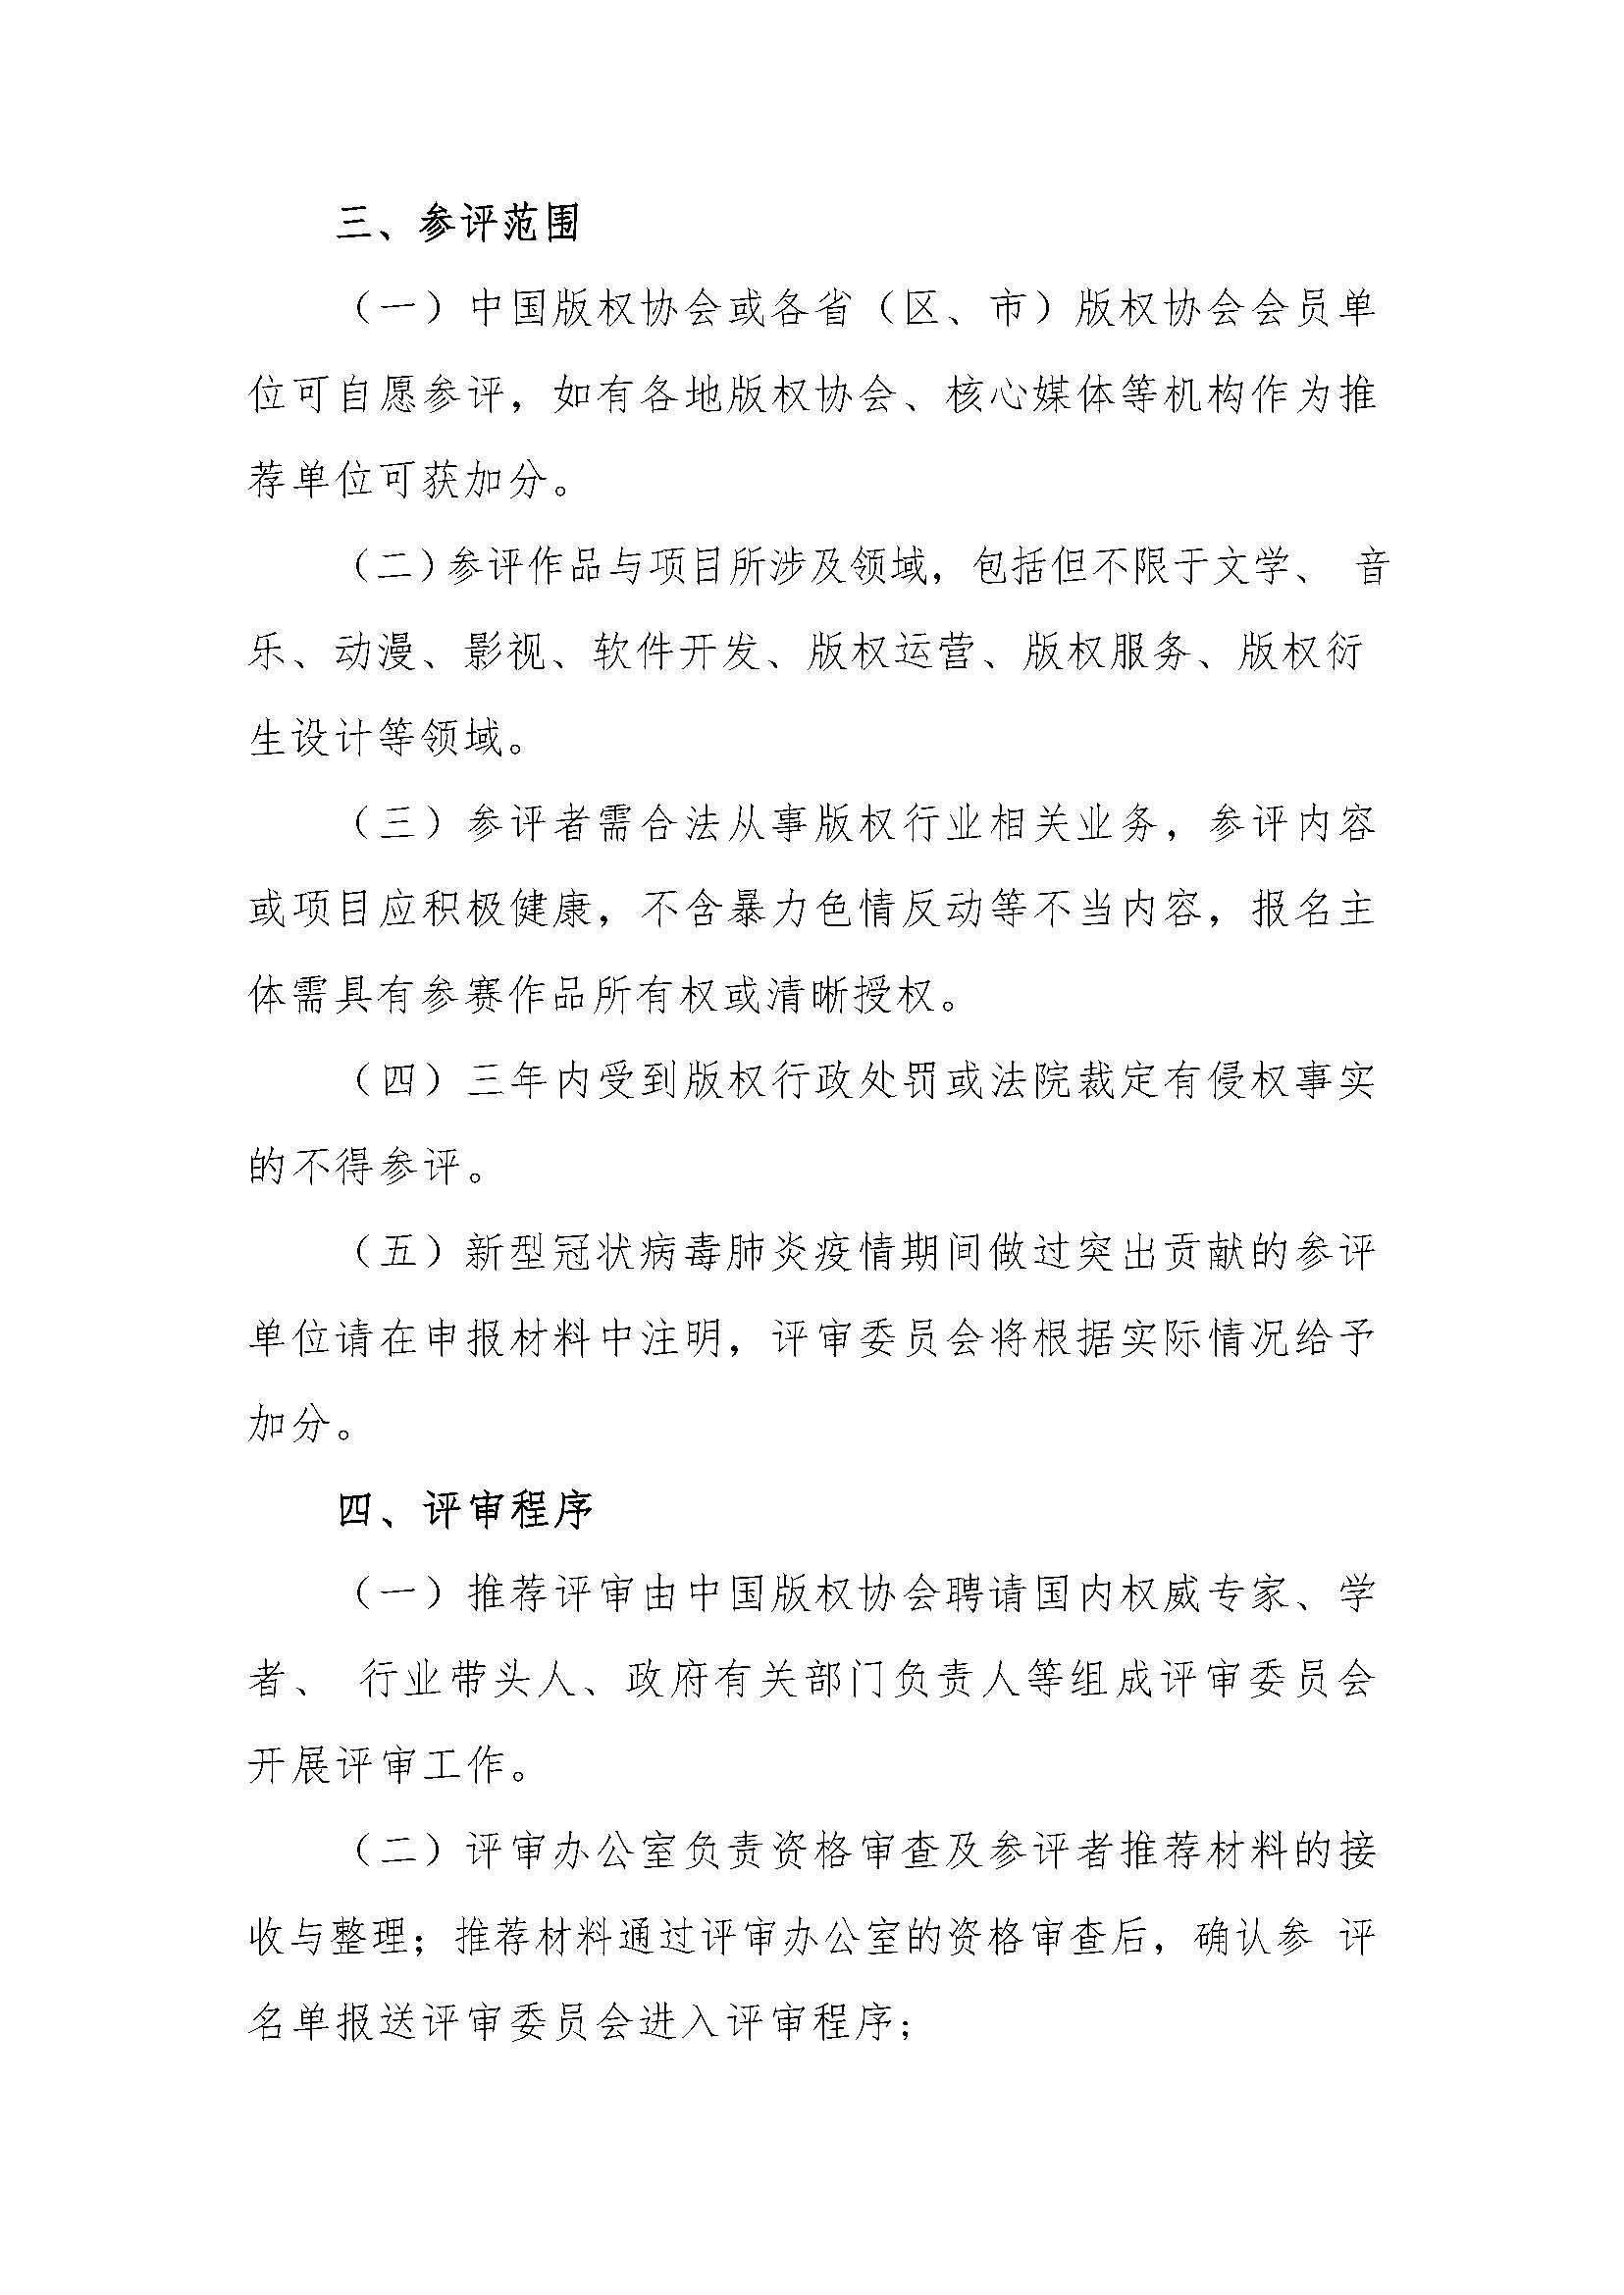 2020-08-11关于推荐和评选2020年中国版权奖项的通知-转发版_页面_4.jpg